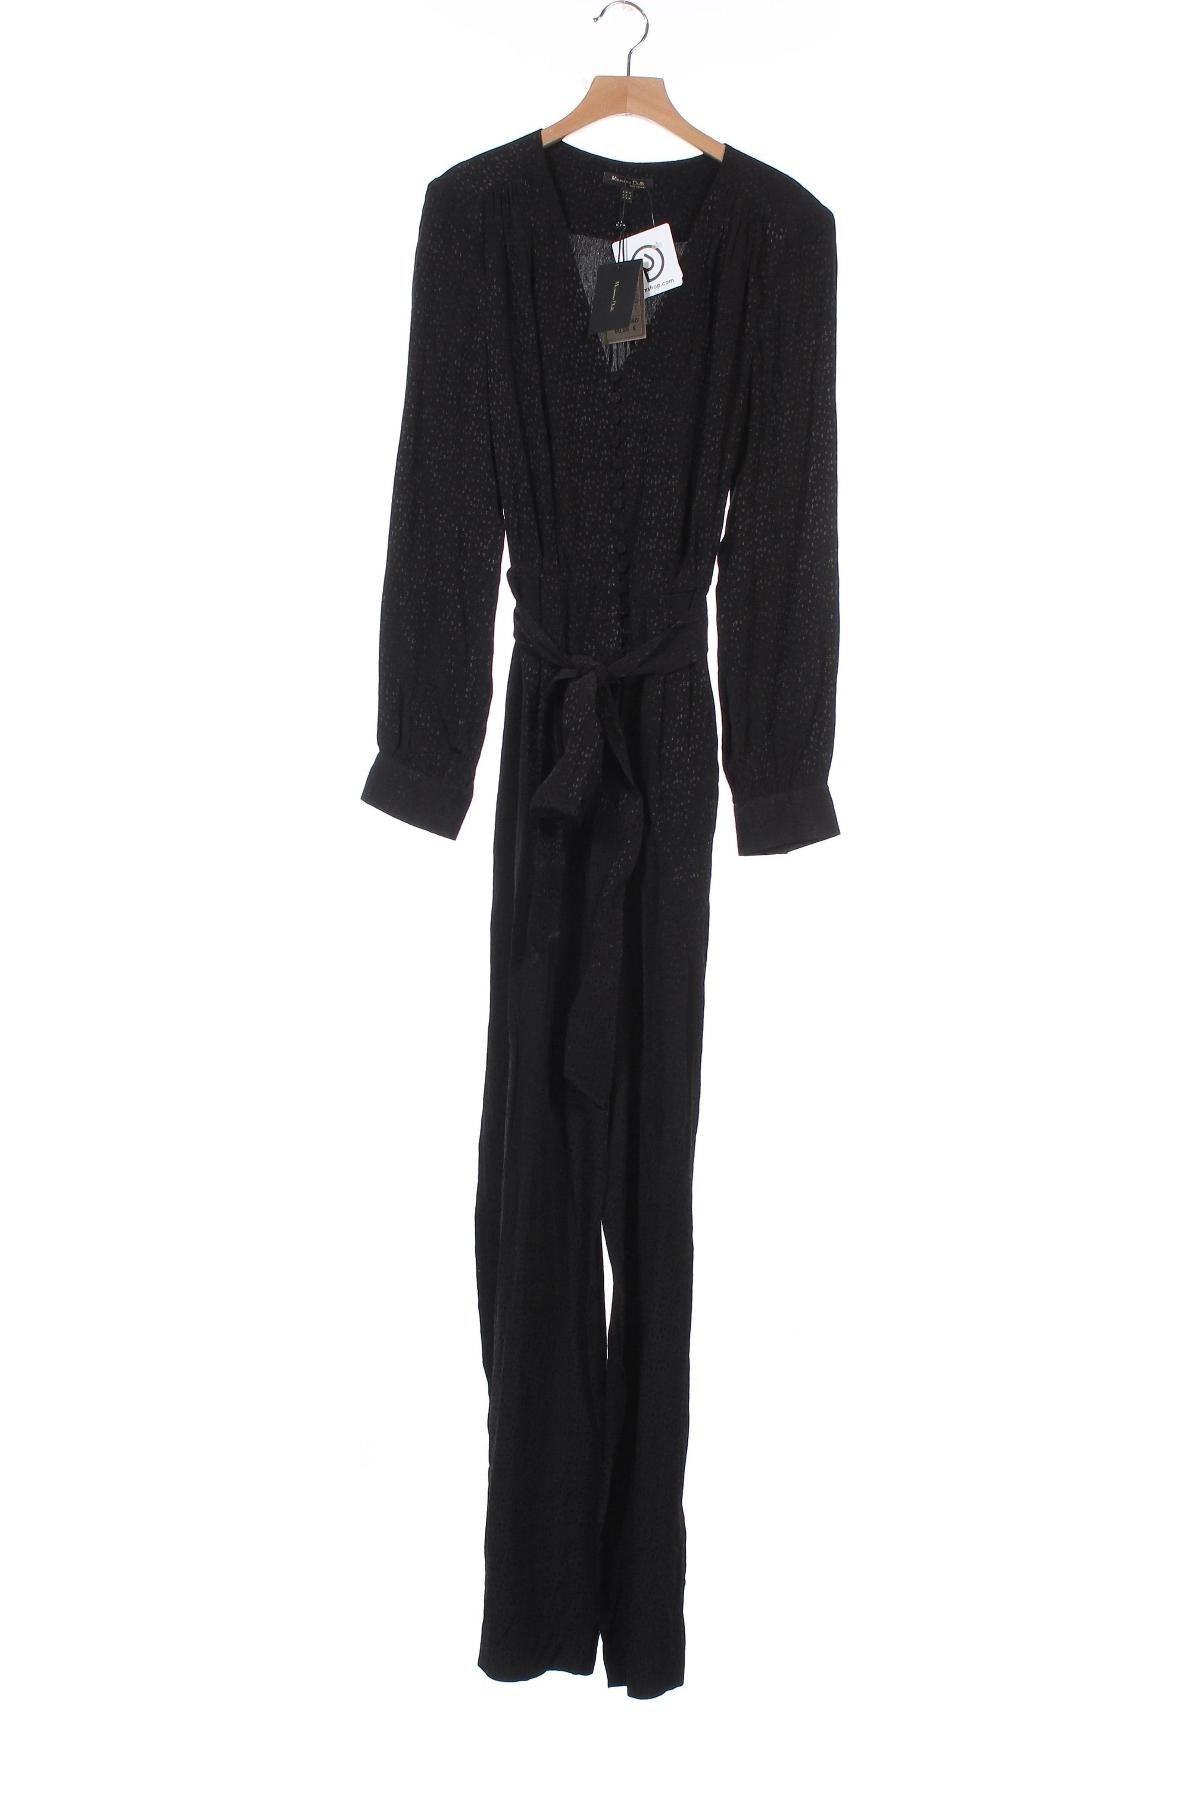 Γυναικεία σαλοπέτα Massimo Dutti, Μέγεθος XS, Χρώμα Μαύρο, 100% βισκόζη, Τιμή 19,97€